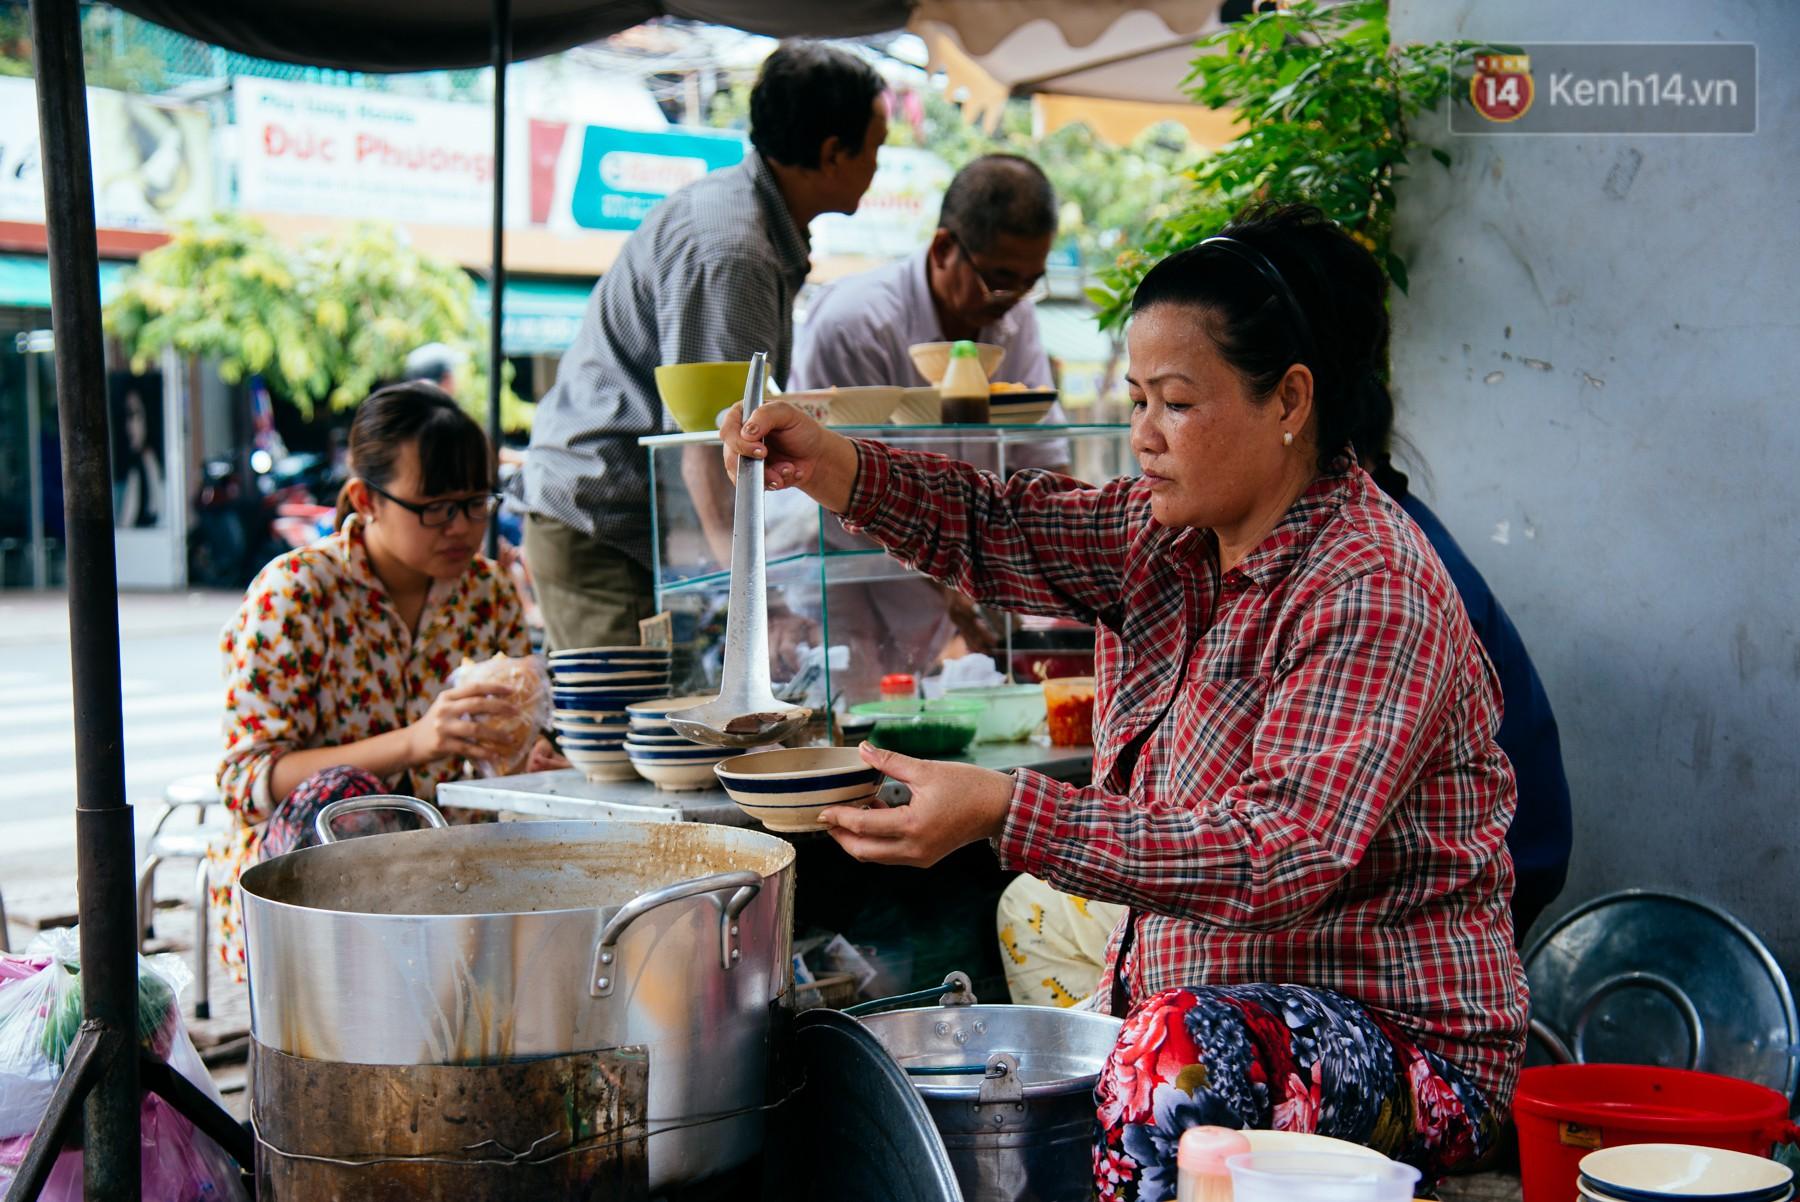 Quán cháo hào sảng giá 5.000 đồng/ tô của cô Tư Sài Gòn: Nhà Tư không nợ nần gì, bán vầy là sống thoải mái rồi! - Ảnh 3.